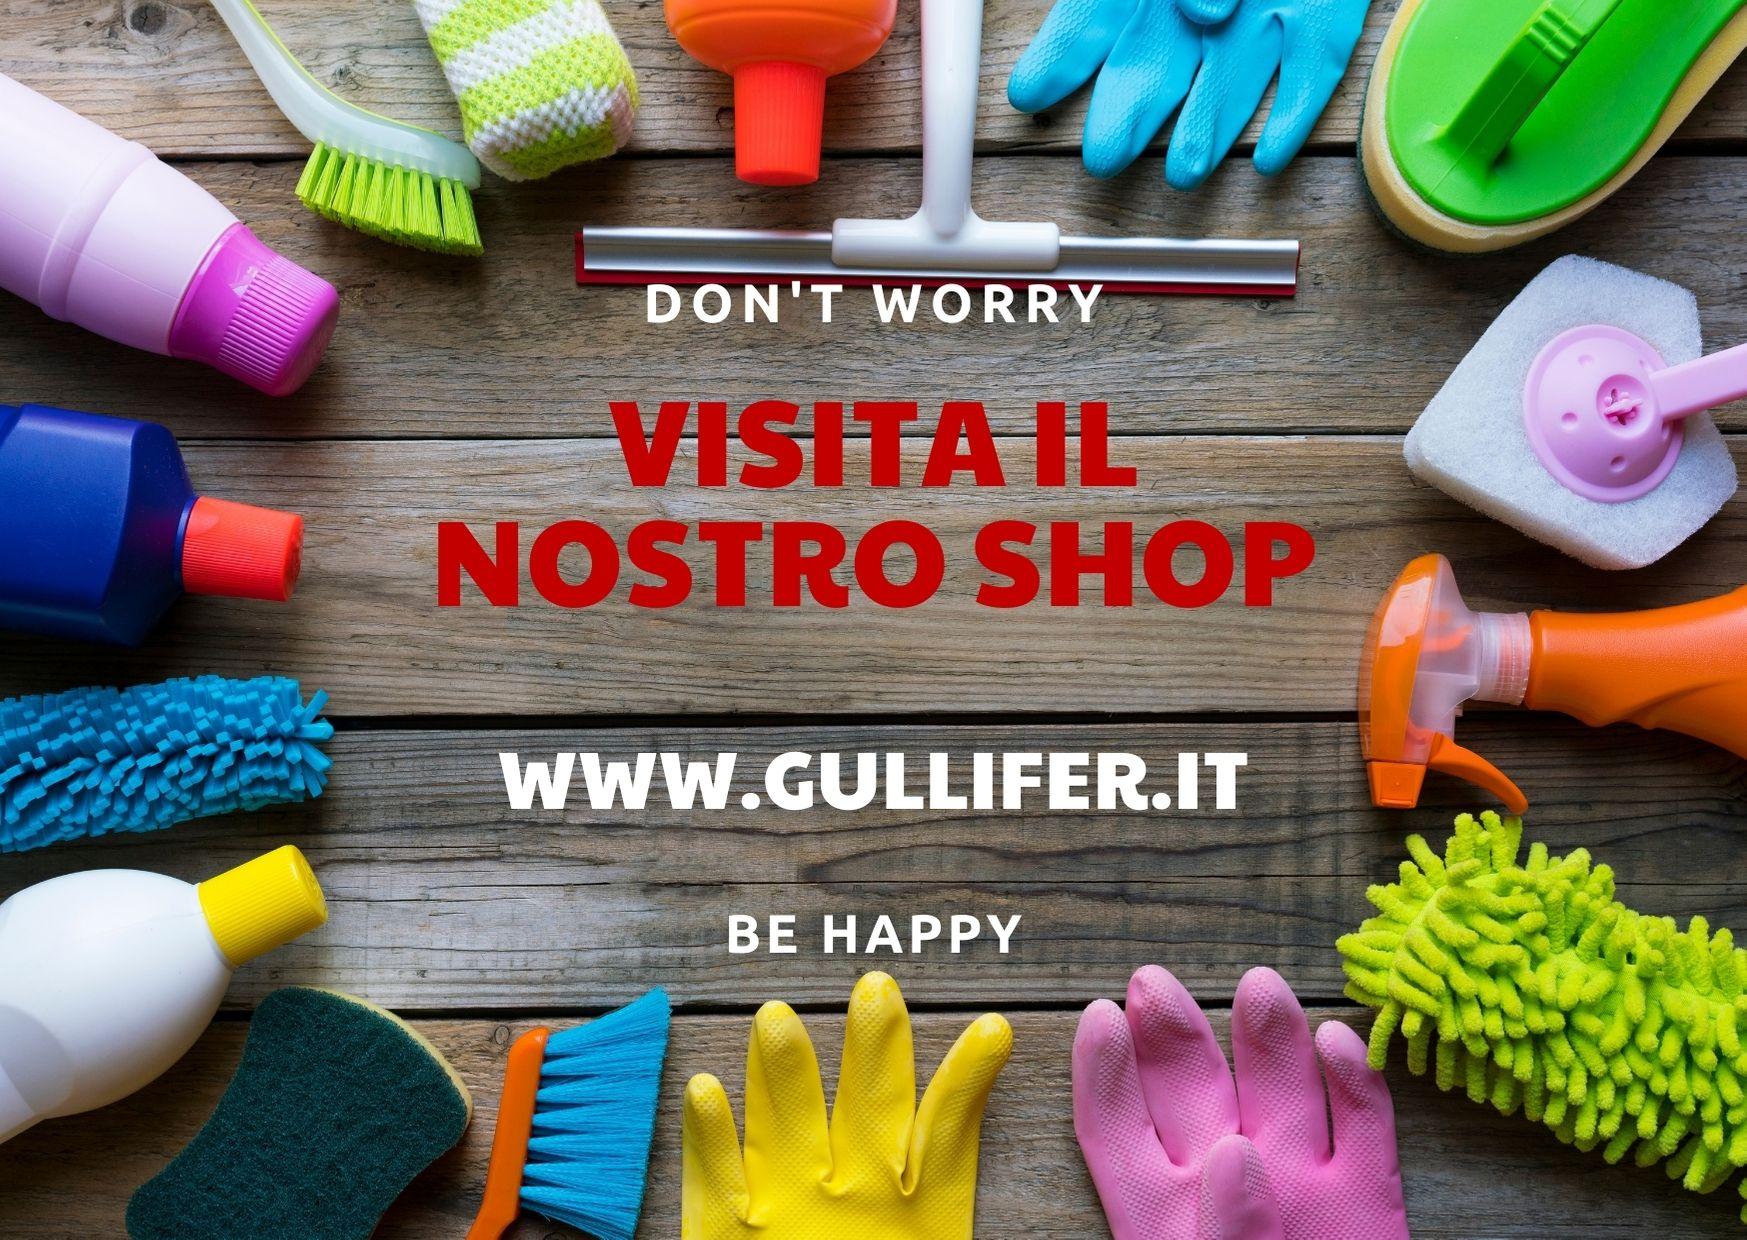 visita il nostro shop